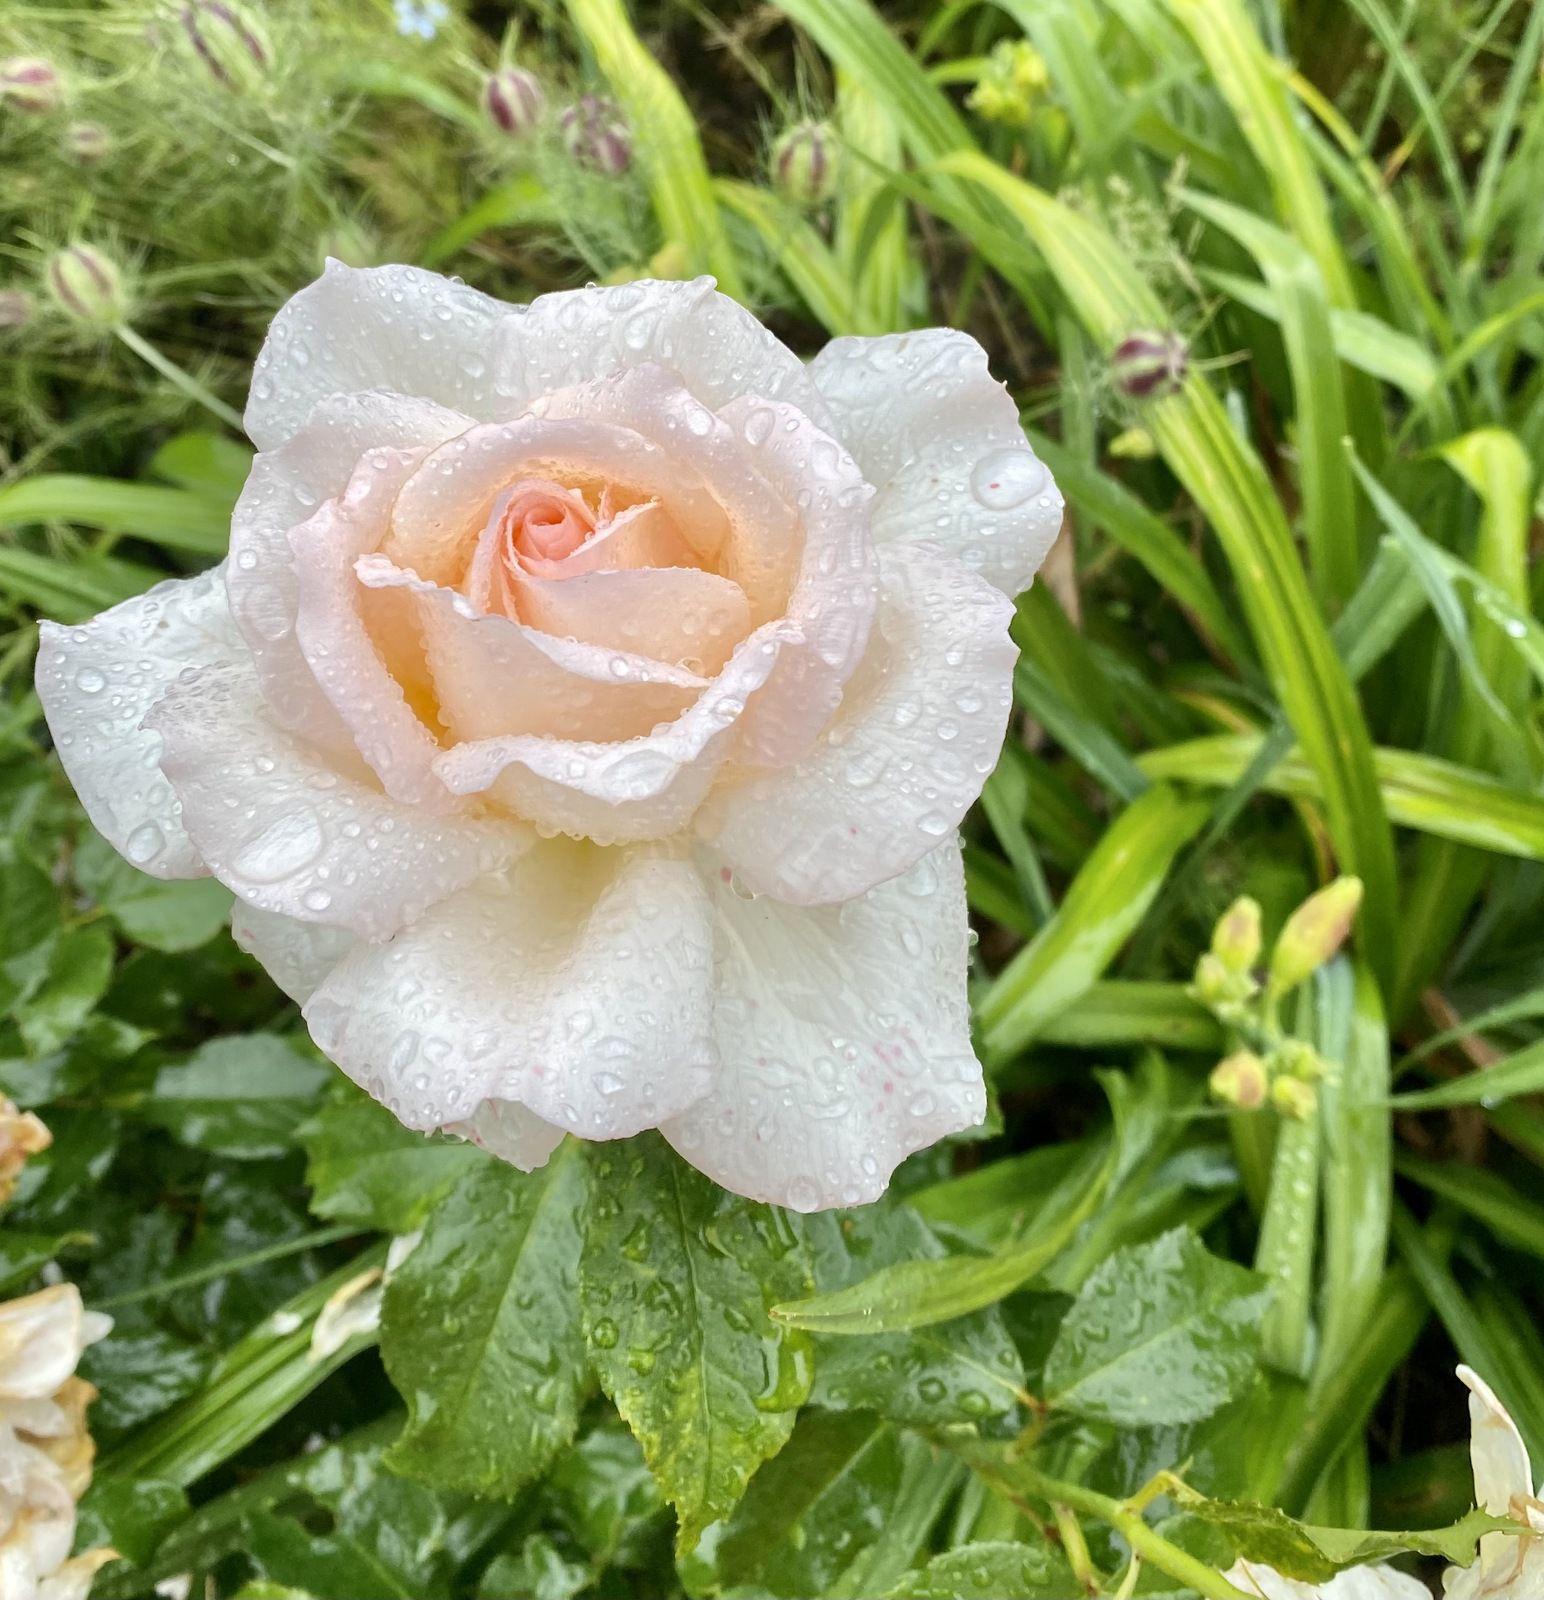 Rosa 'Chandos Beauty' (Harkness, 2009)